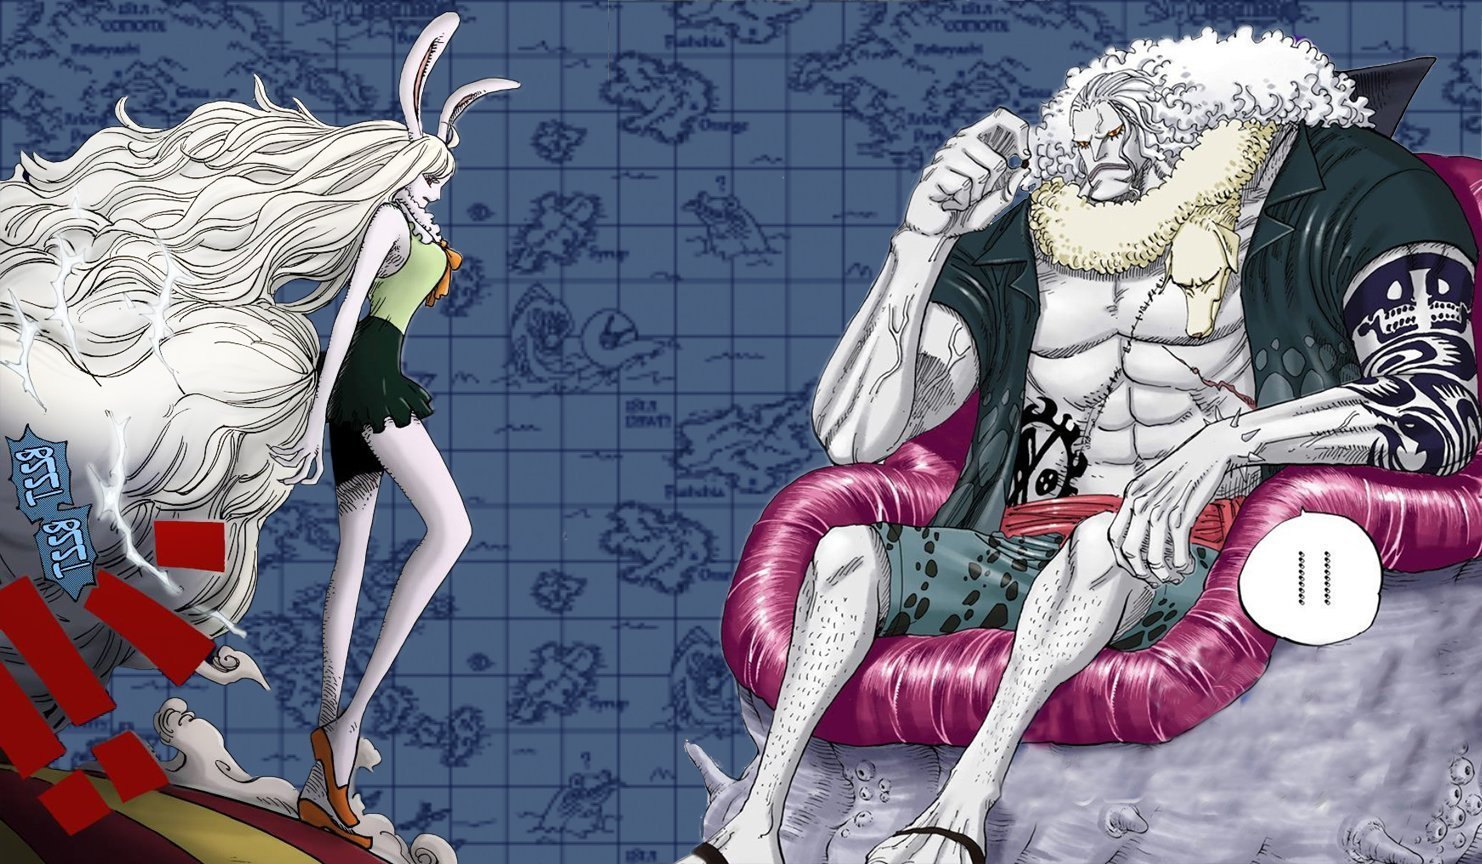 Slon ed Energy Steroids: similitudini del tutto casuali?   One Piece Mania